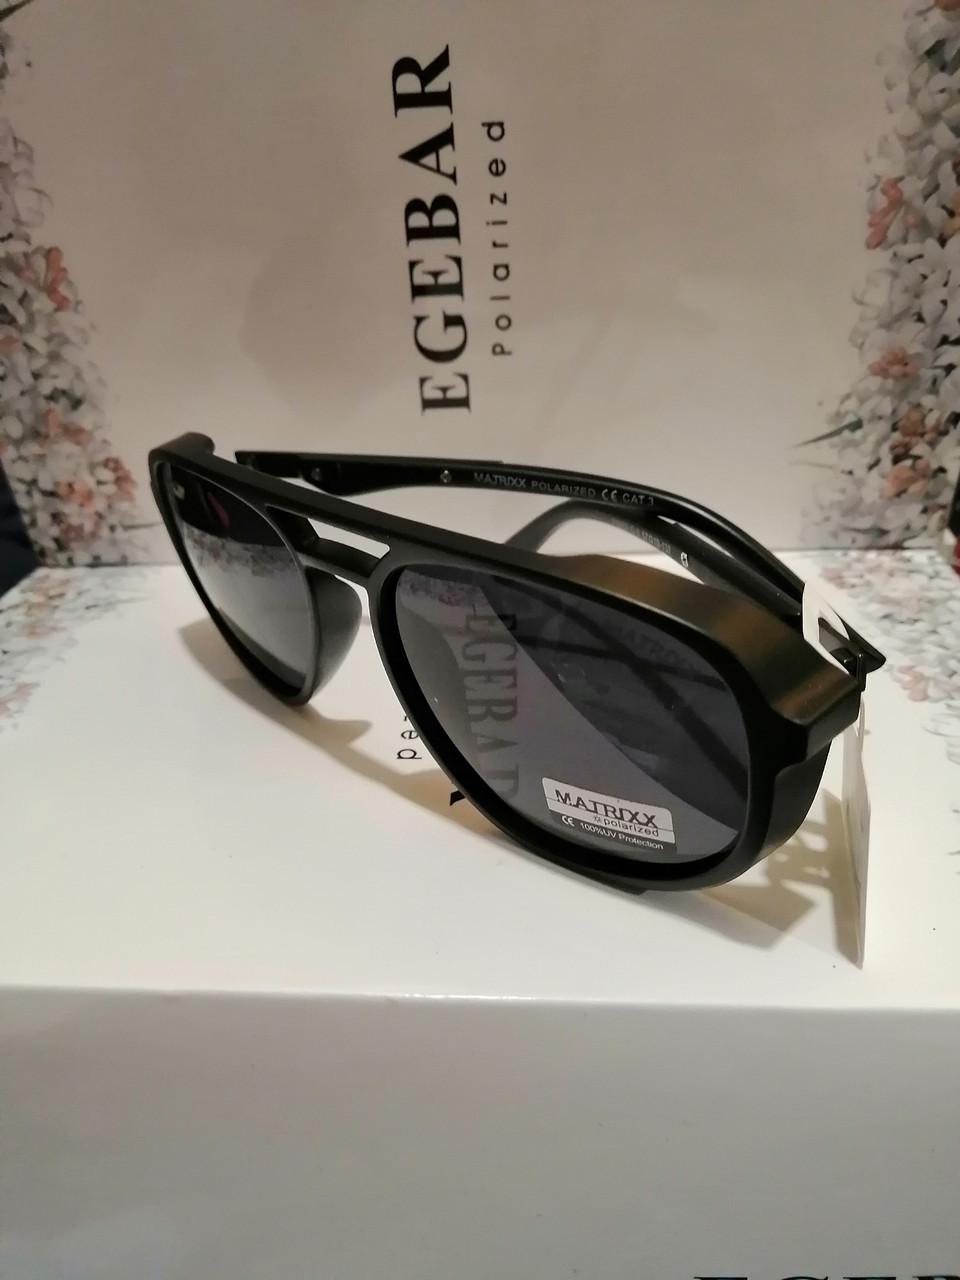 Солнцезащитные очки, matrix мужские. НОВИНКА